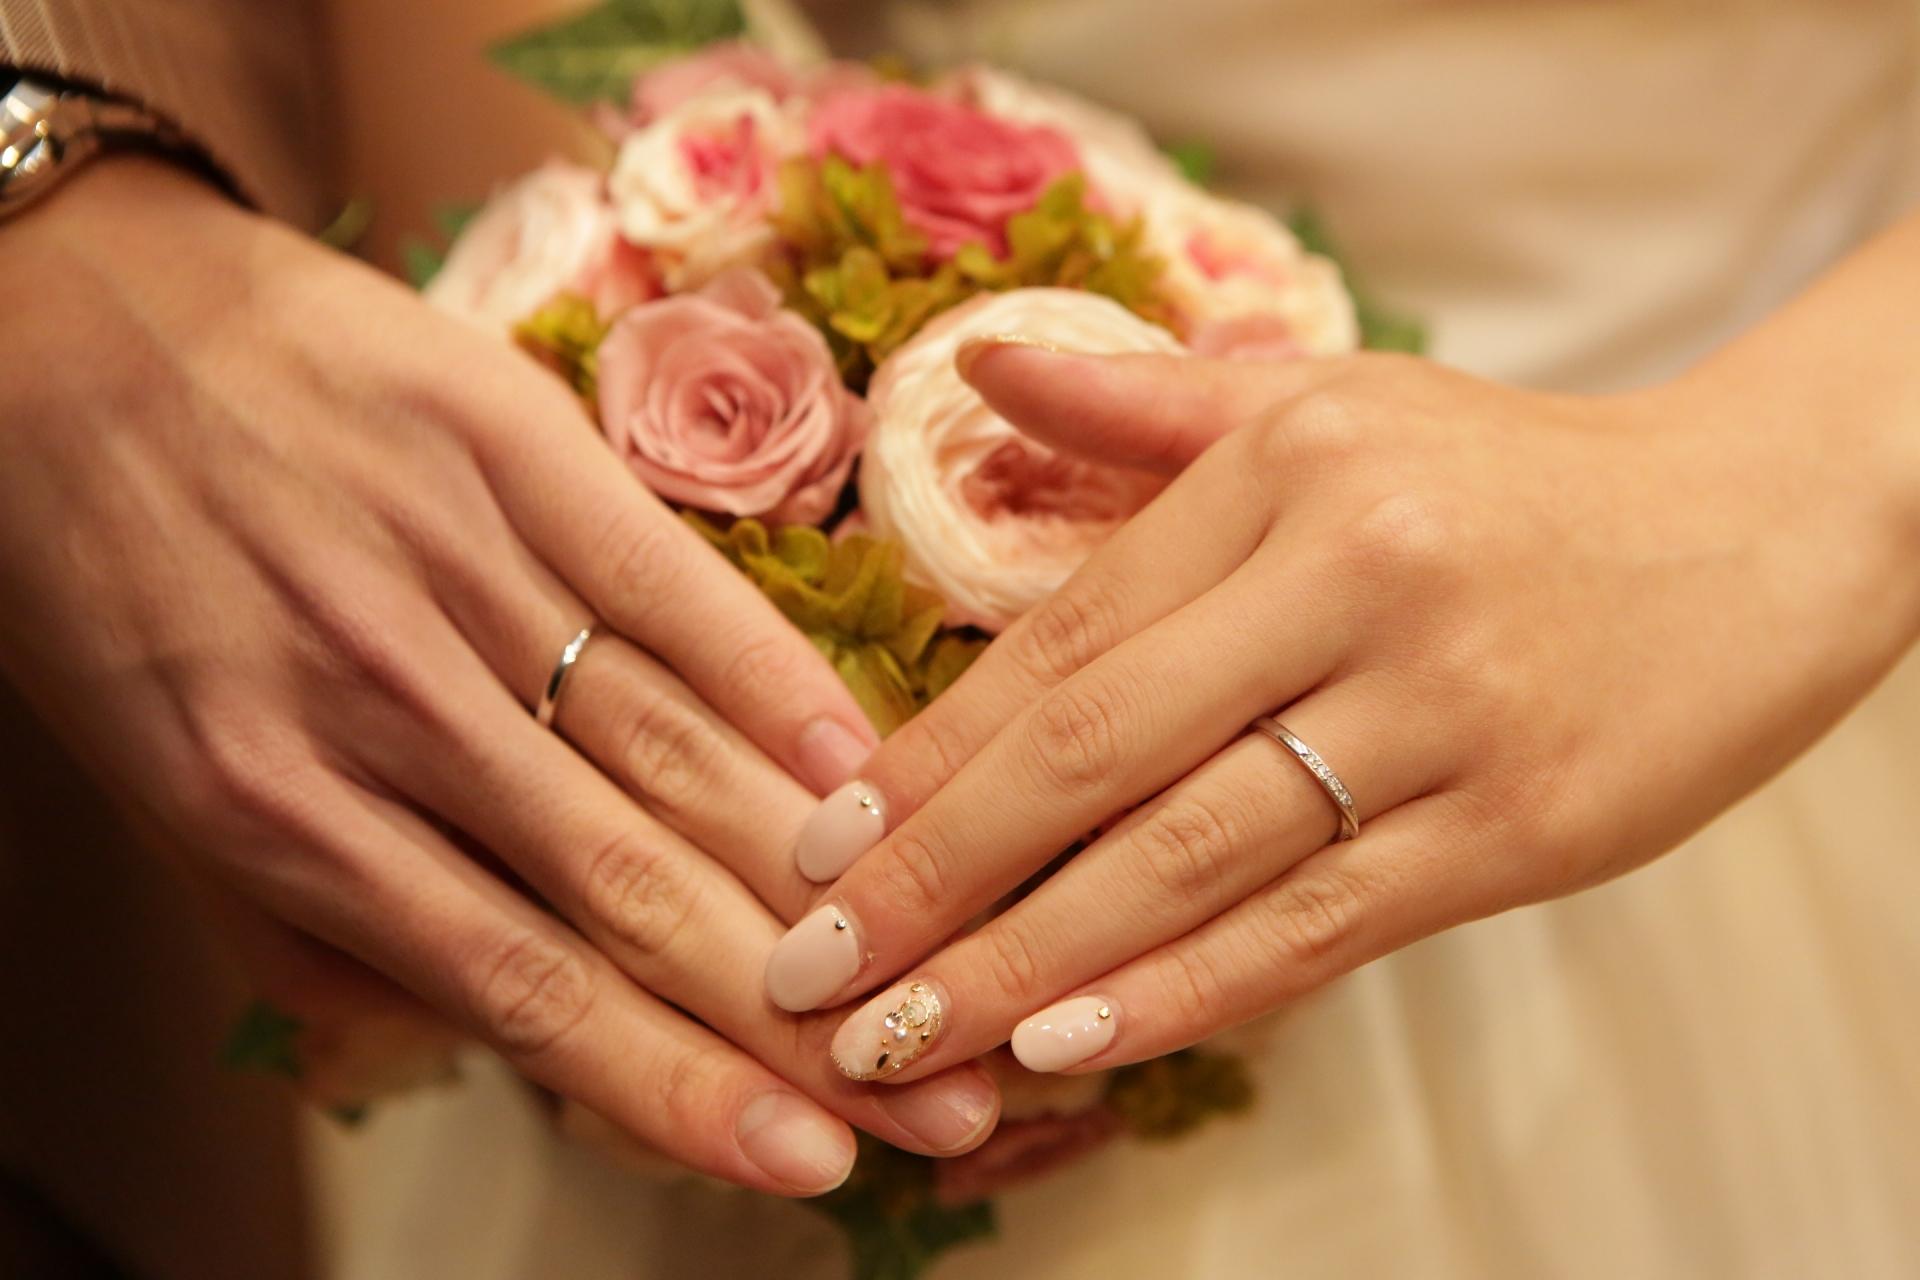 結婚指輪はペアじゃなと後悔する?納得のいく買い物をしよう!